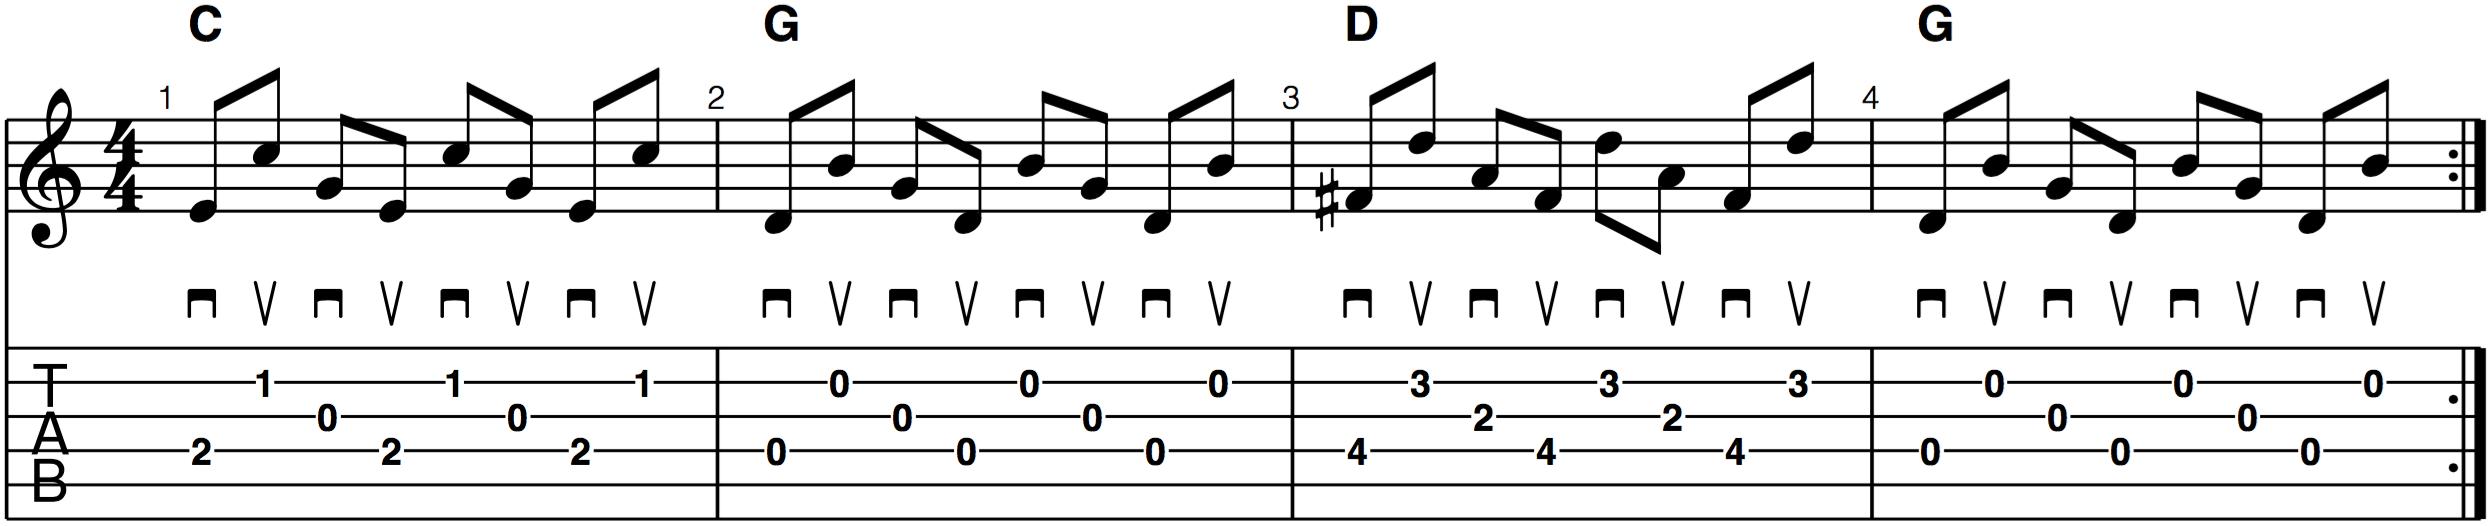 bluegrass crosspicking guitar alternate picking backward roll